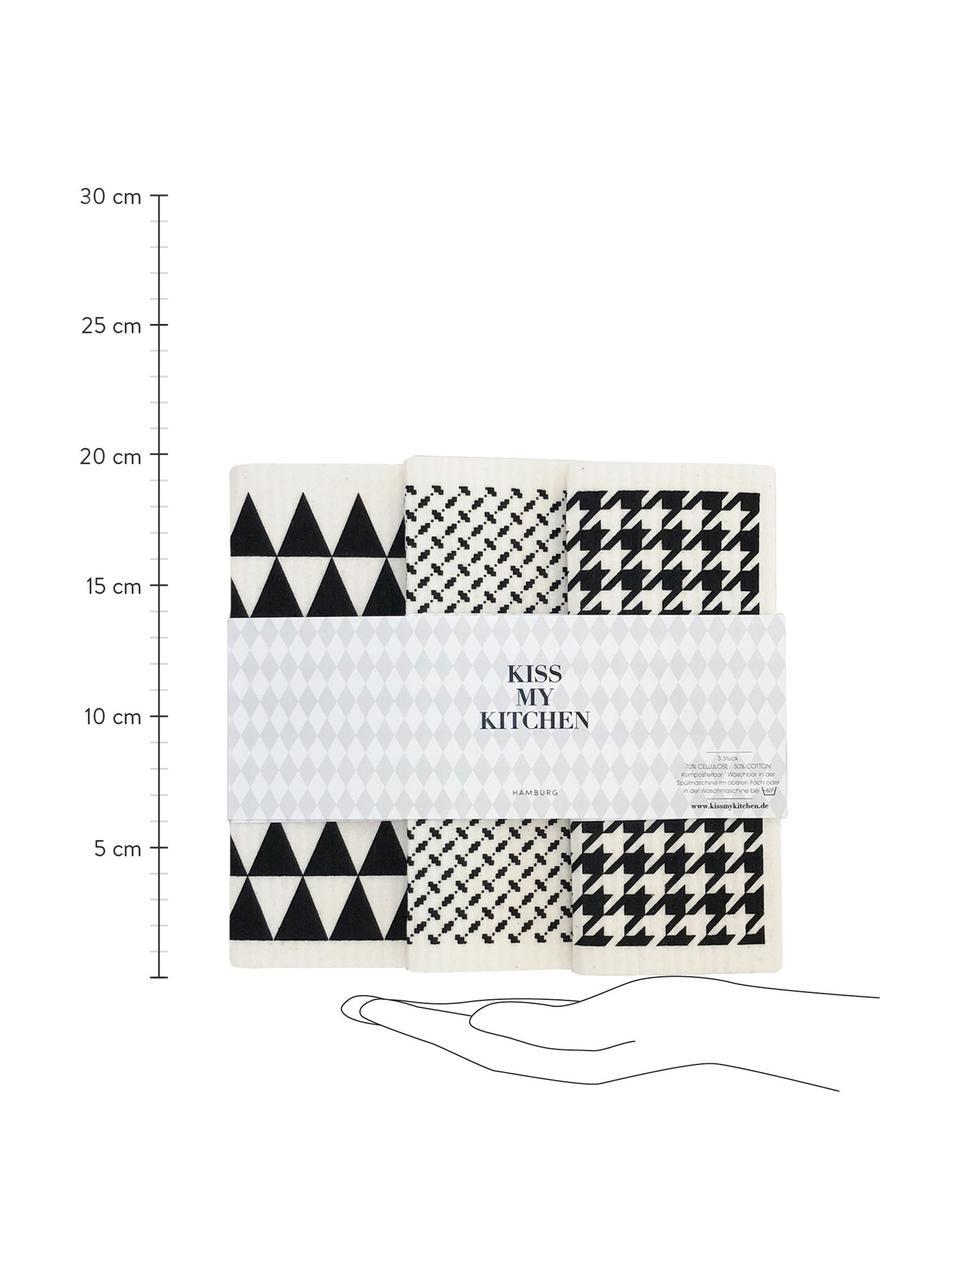 Kompostierbares Schwammtücher Tokio, 3er-Set, 70% Cellulose, 30% Baumwolle, Weiß, Schwarz, 17 x 20 cm